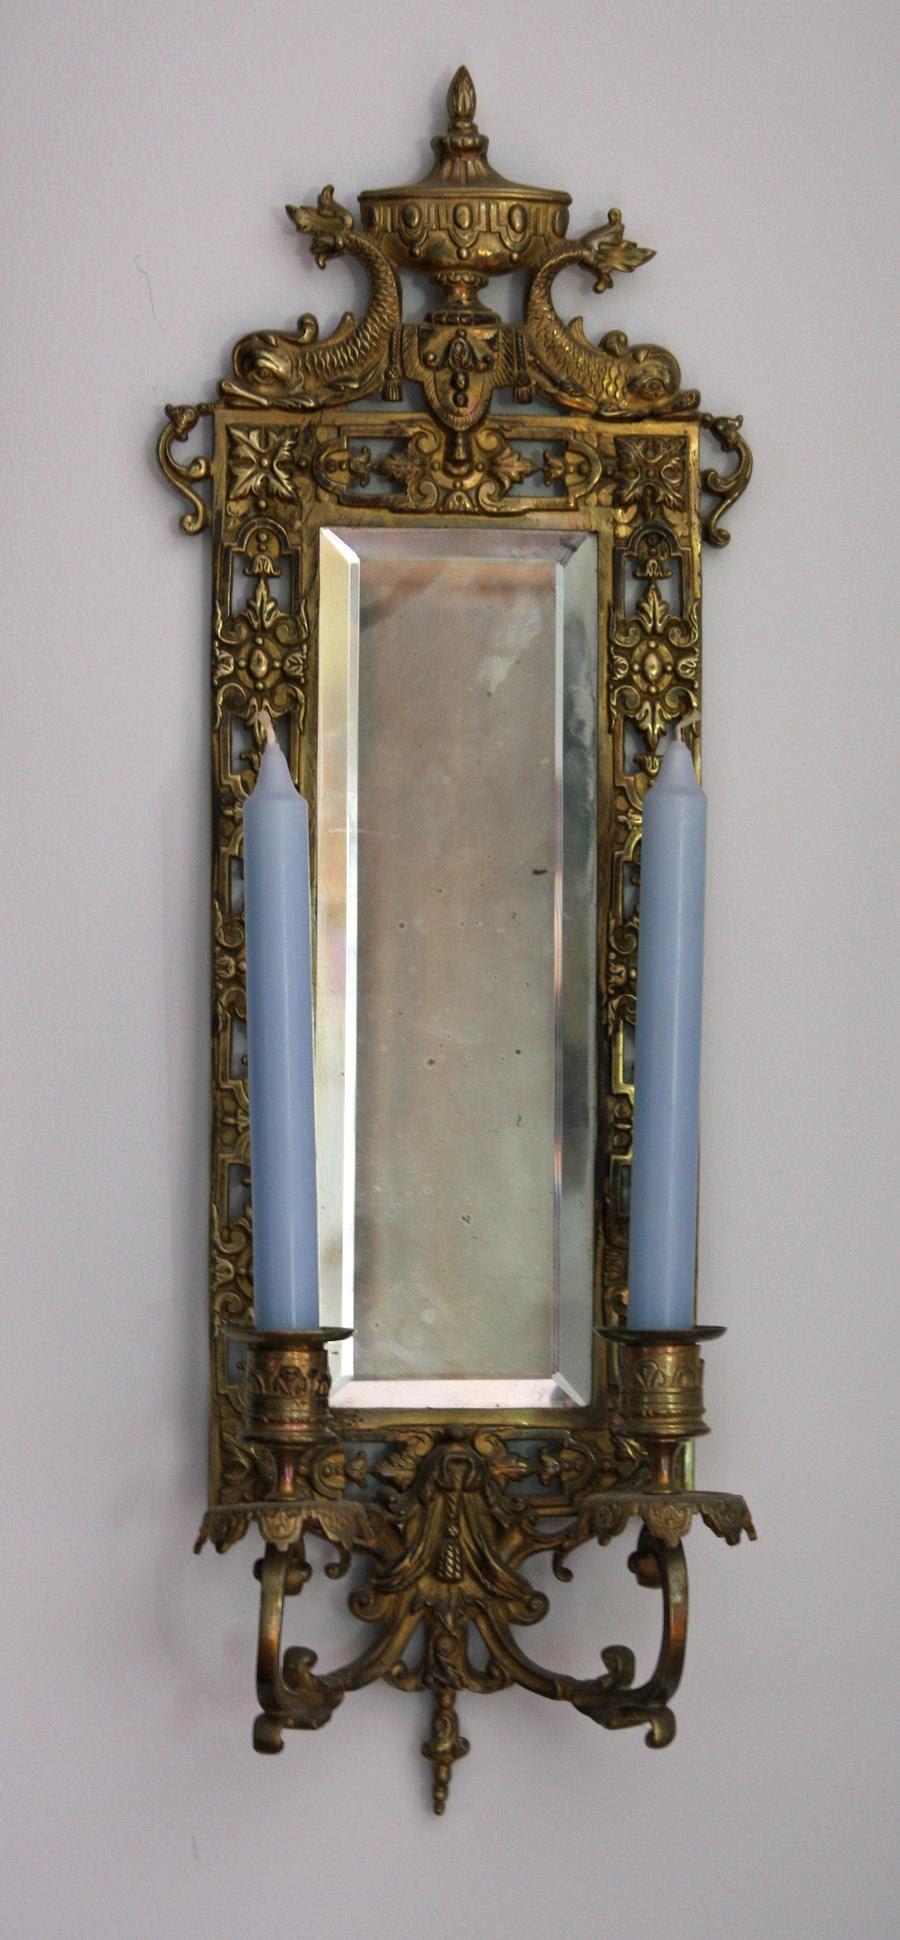 Wall Mirror Candle Holder by Pandora-Effekt on DeviantArt